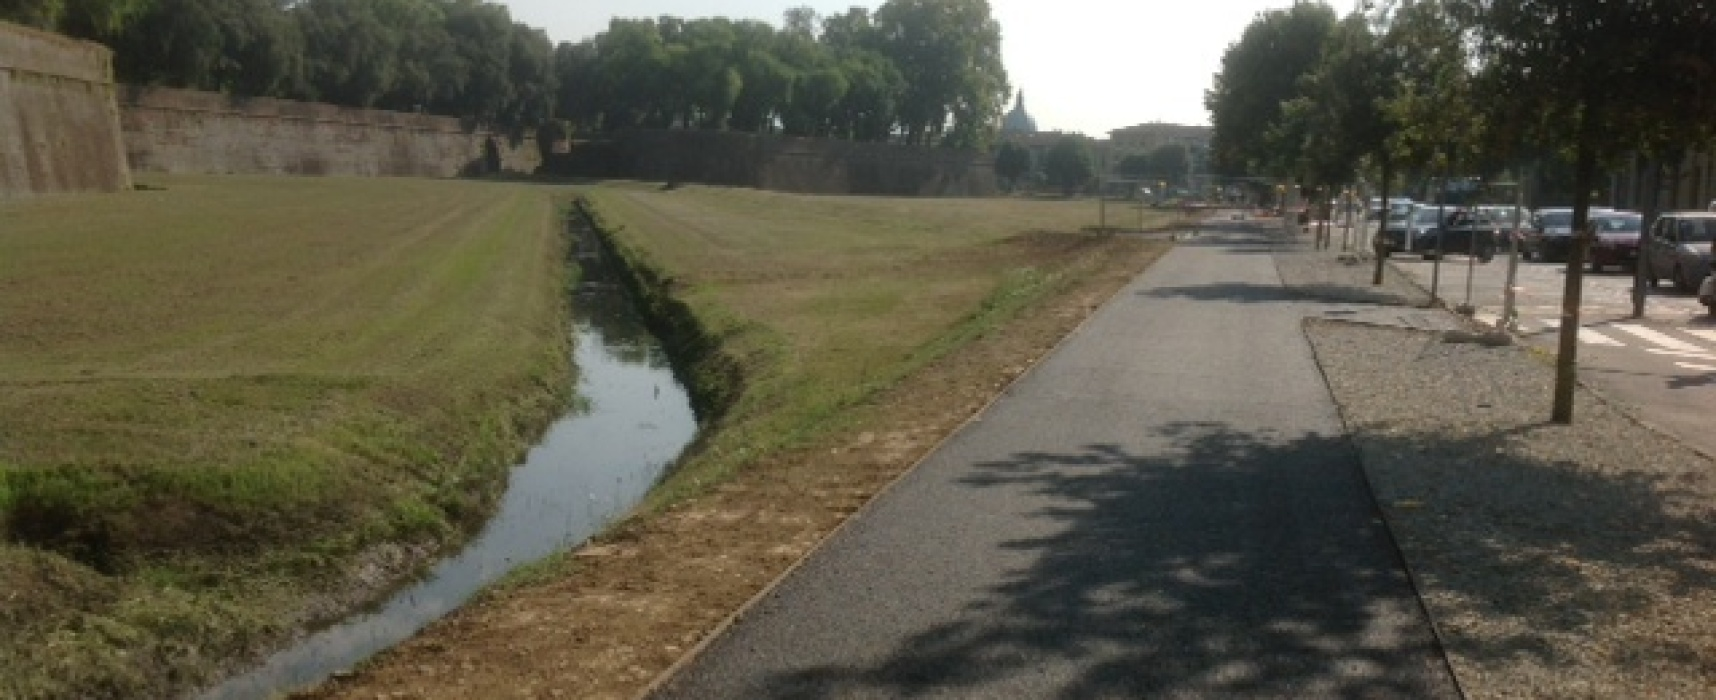 Lucca, sarà completata la pista ciclabile all'esterno delle mura